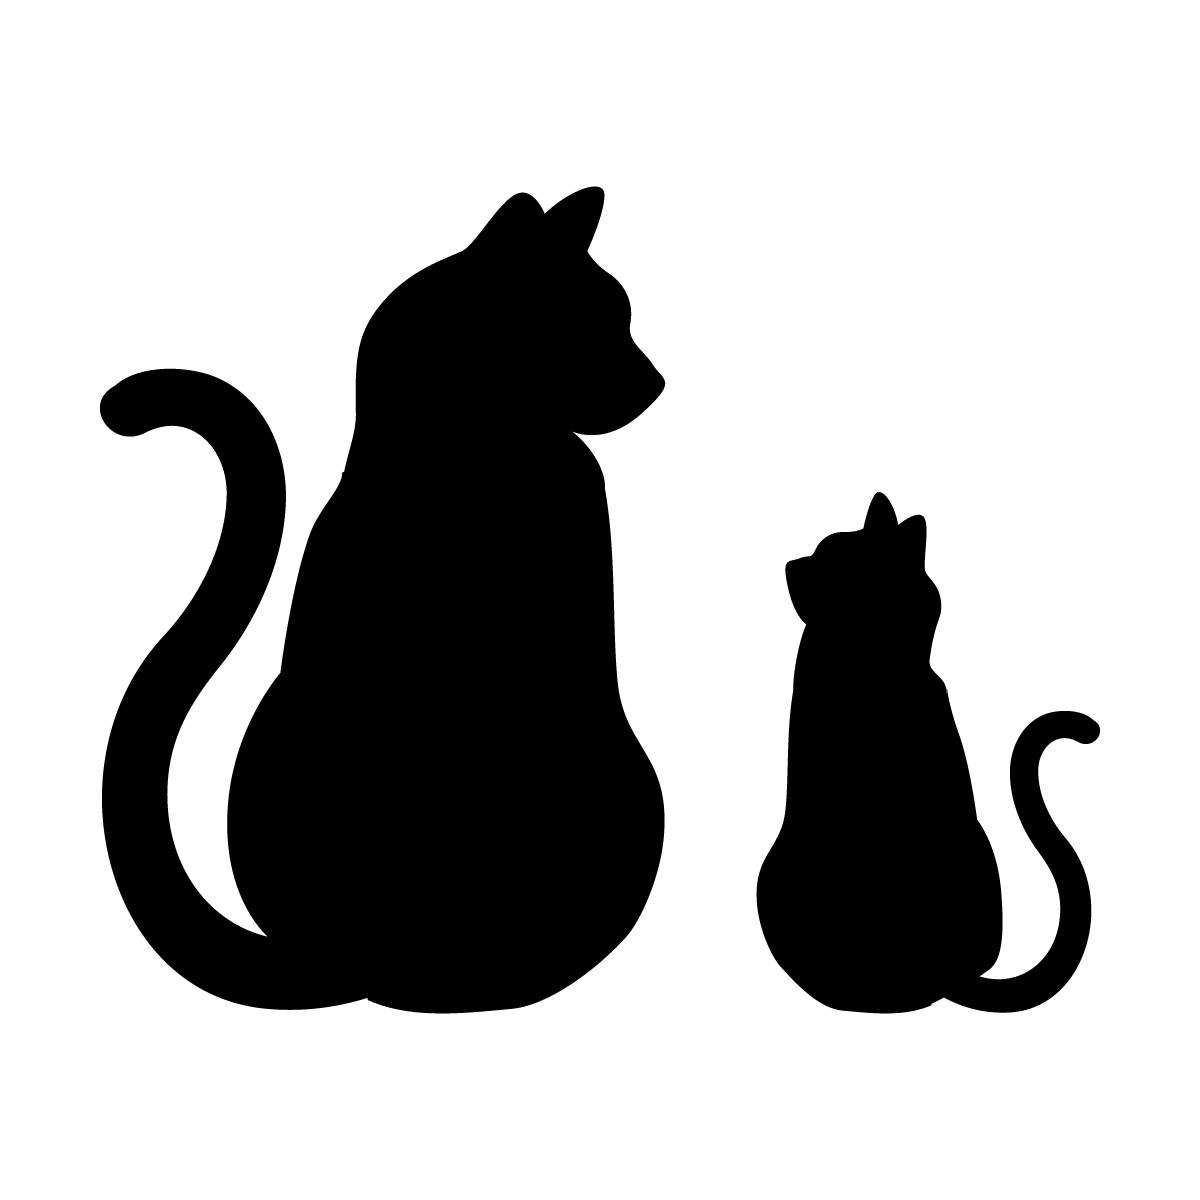 黒色の猫の親子 向き合うネコのポーズのシルエットステッカー・シール